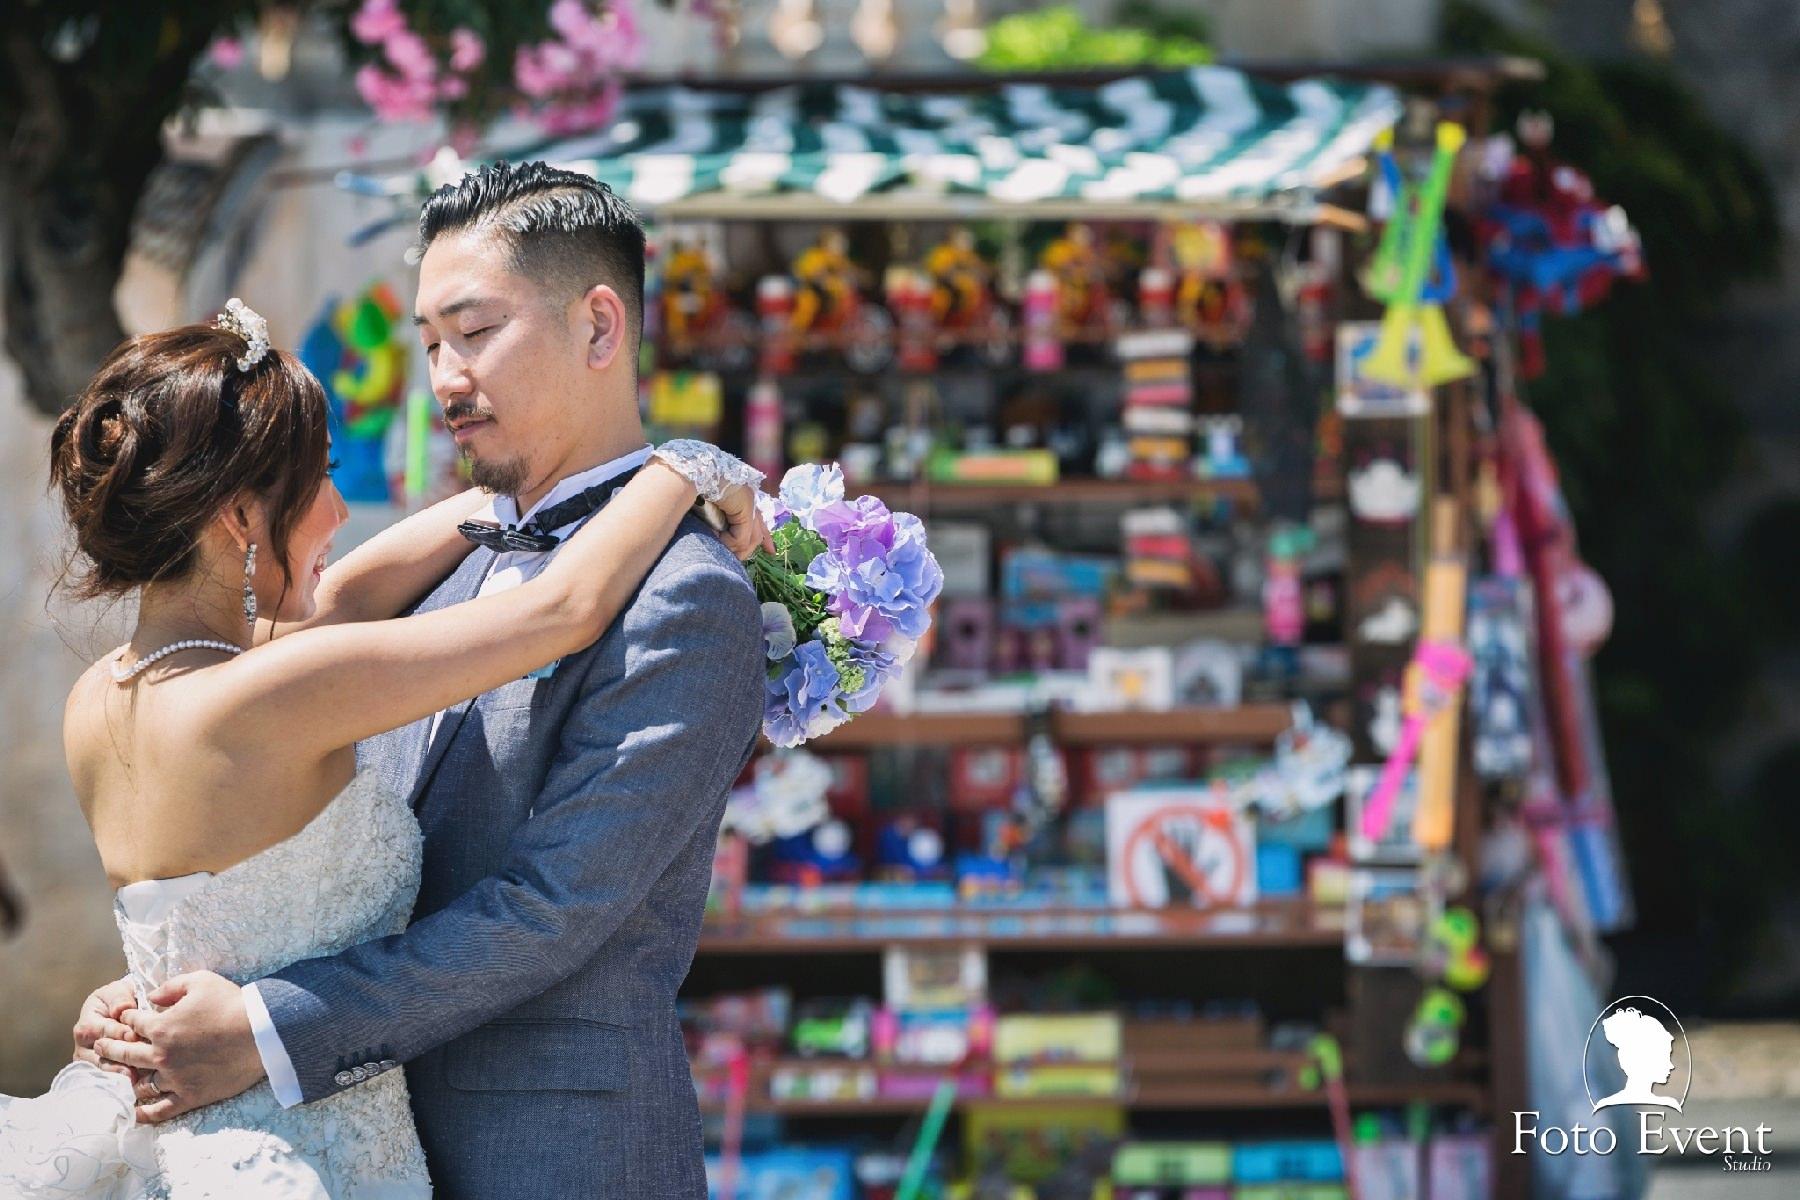 2017-07-15 Matrimonio Sayaka e Keiichi Ando zoom 074 CD FOTO